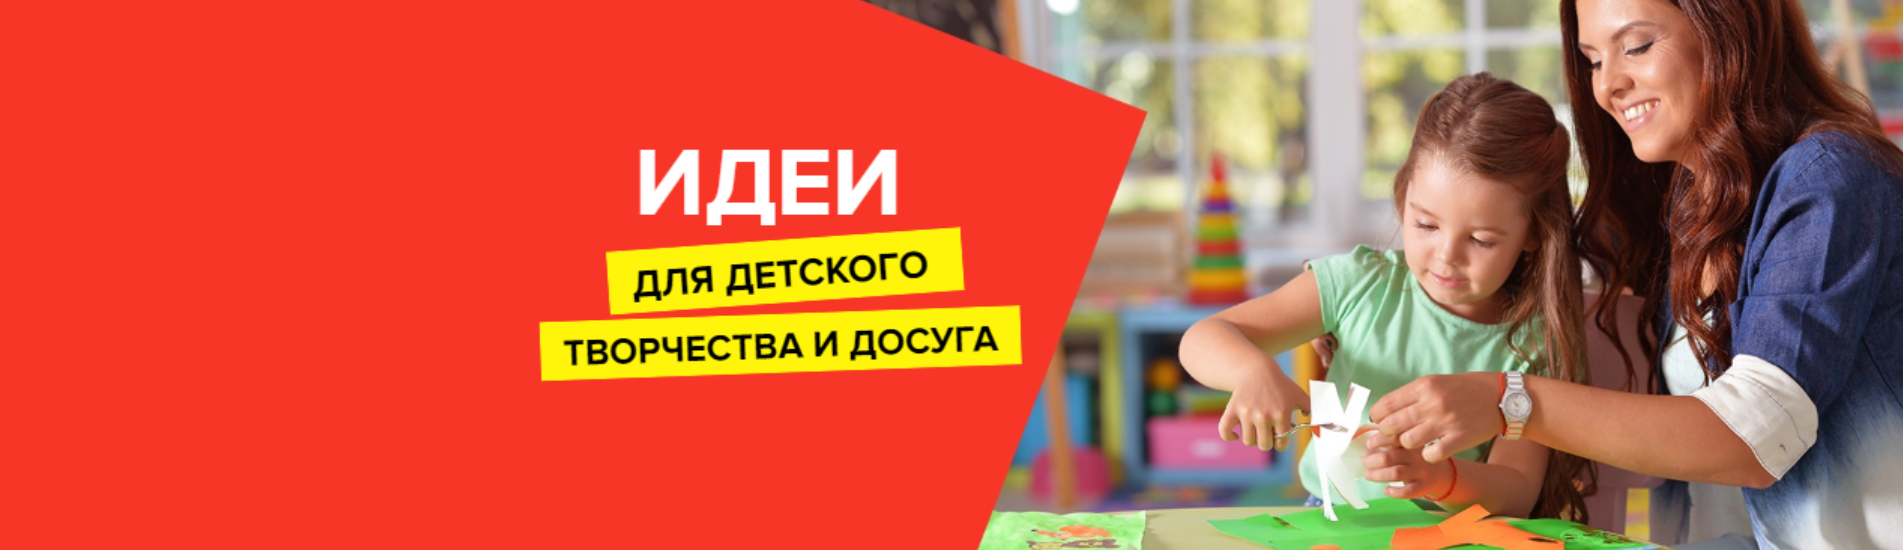 идеи для детского творчества